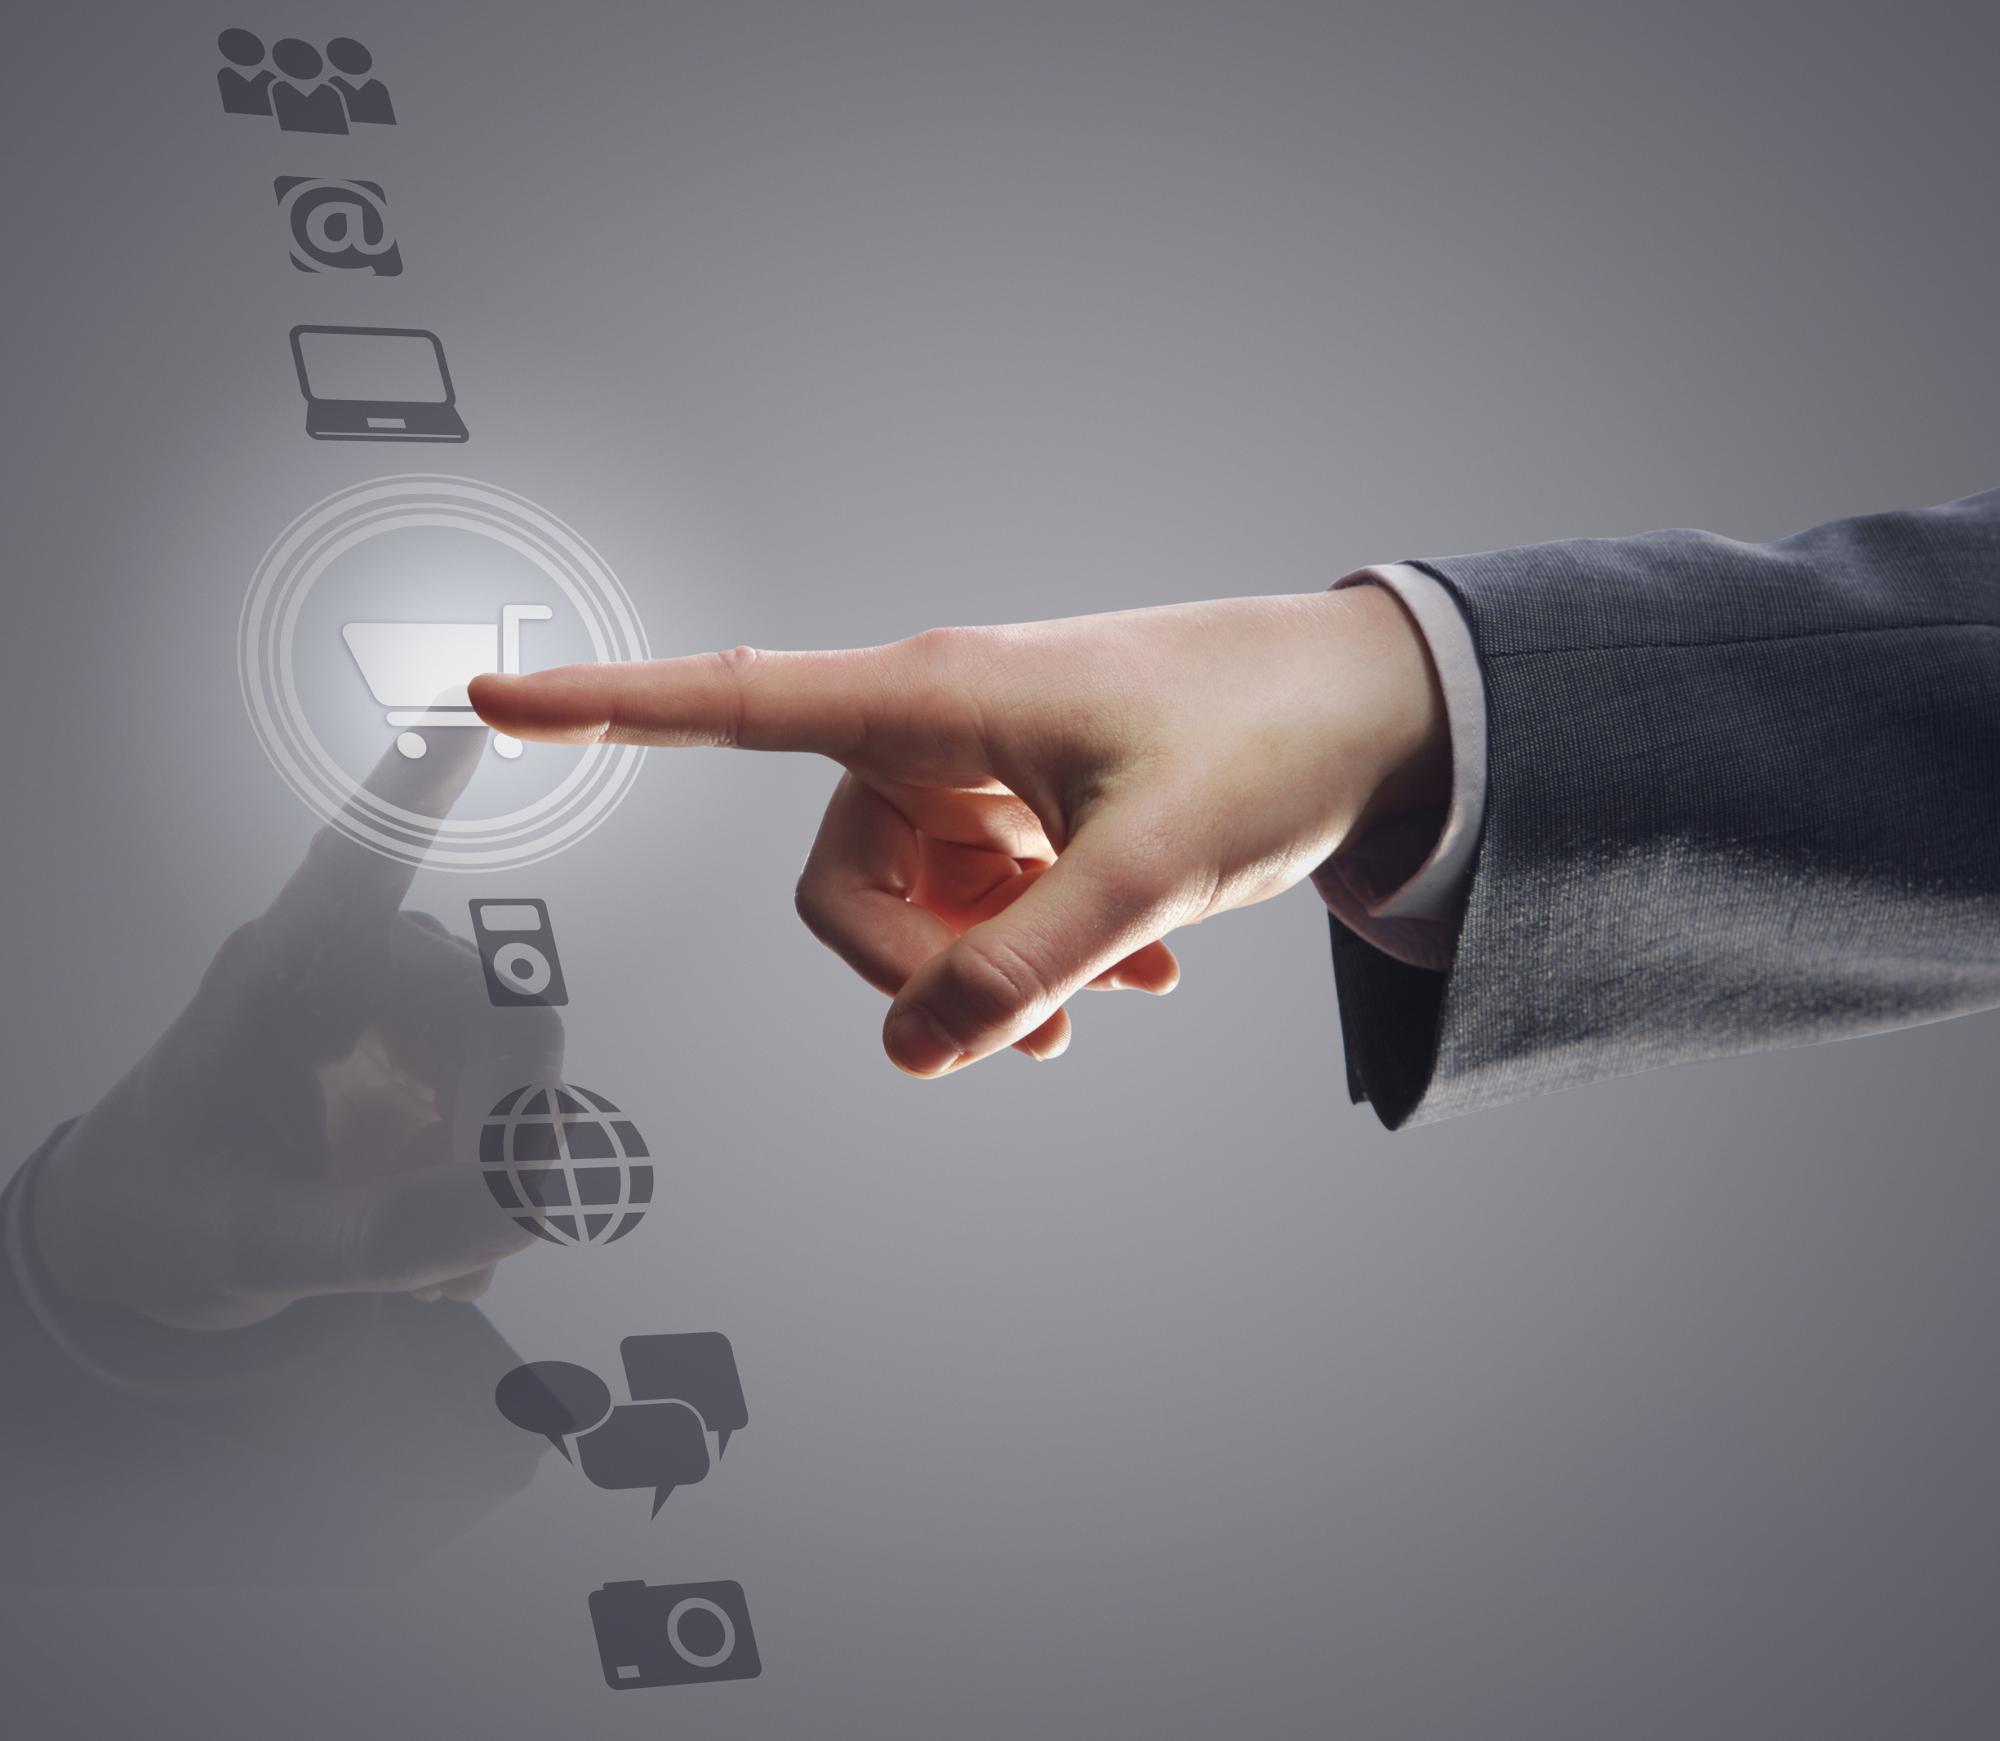 Xtribe mostra le nuove abitudini di acquisto degli utenti: al centro la ricerca online e l'acquisto offline